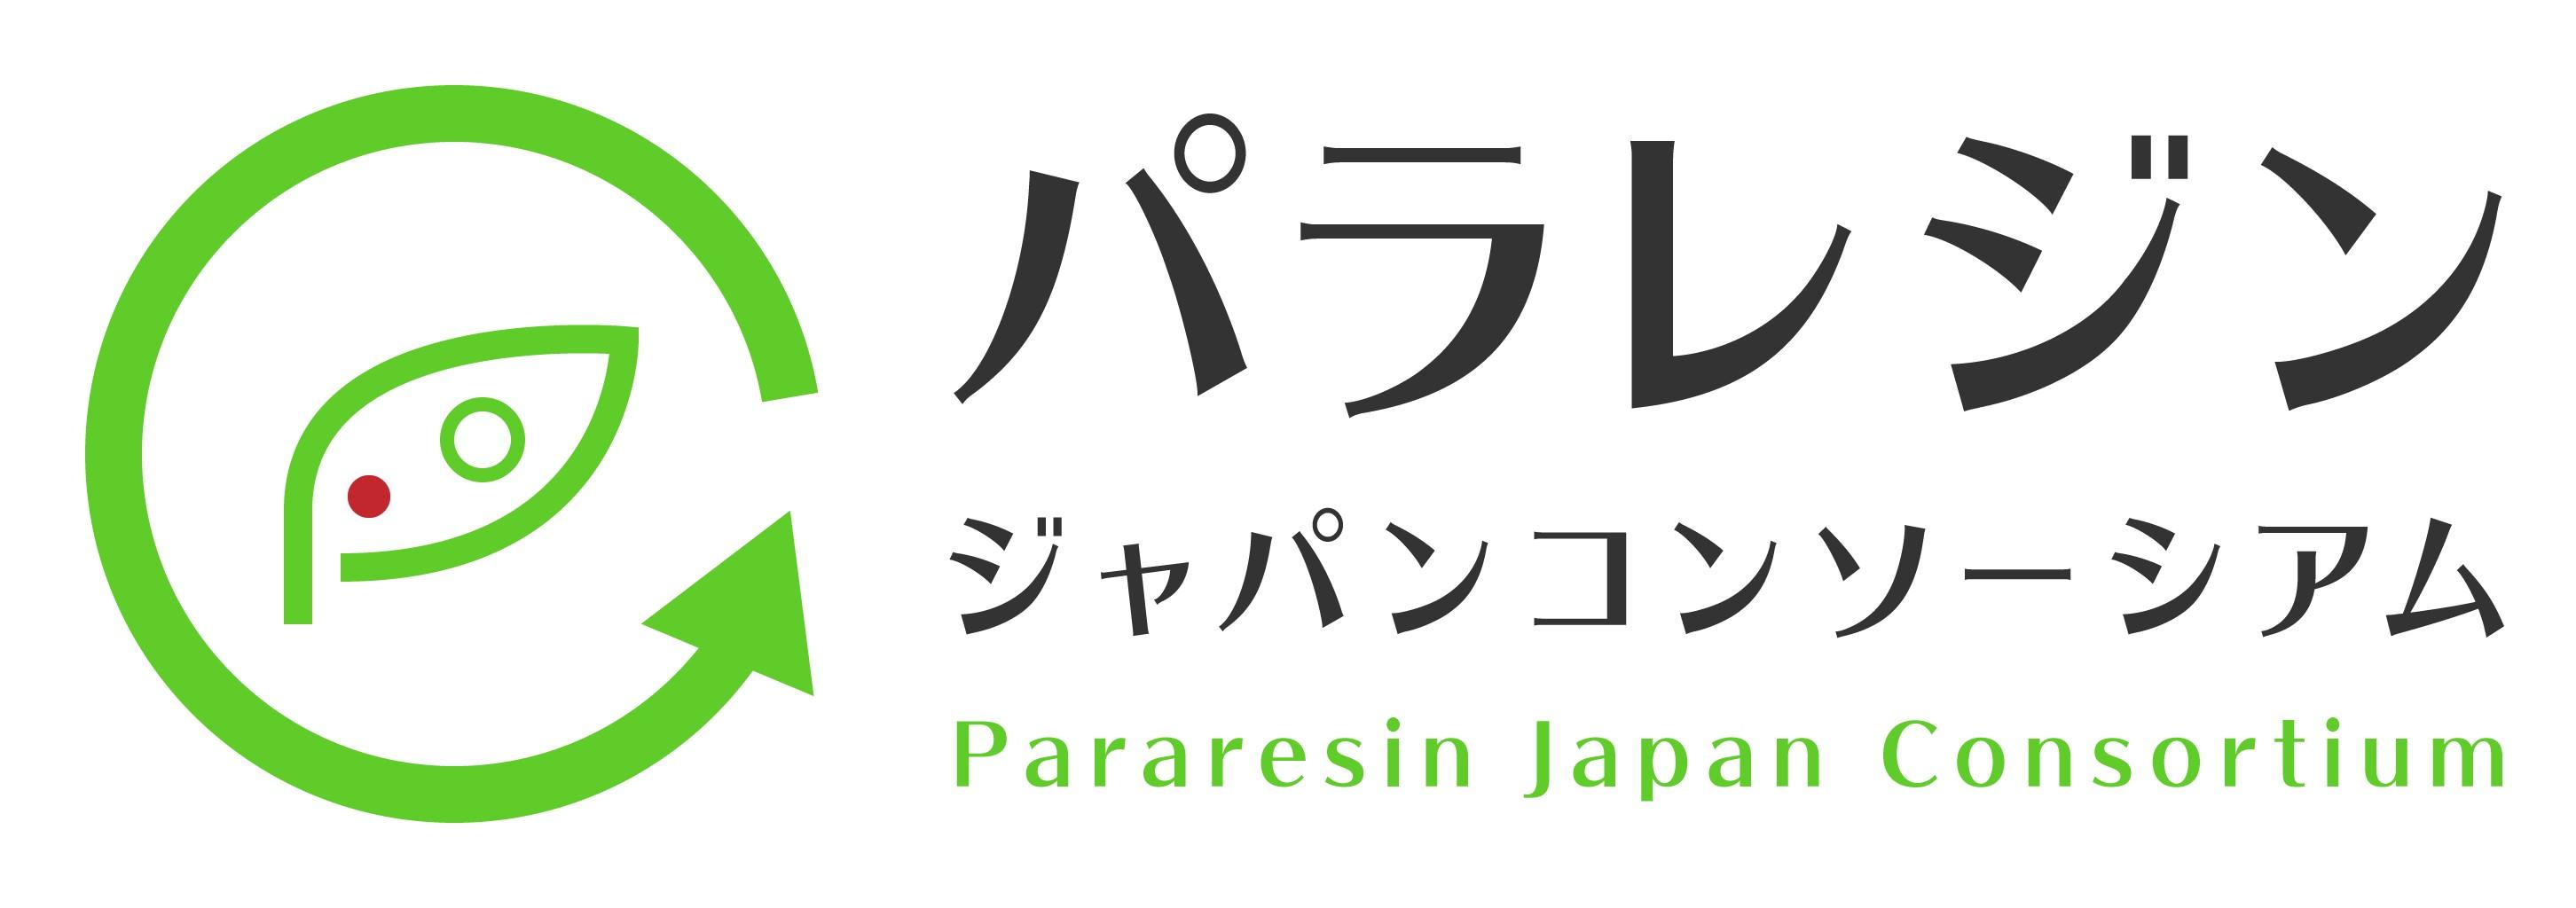 パラレジンコンソーシアム ロゴ